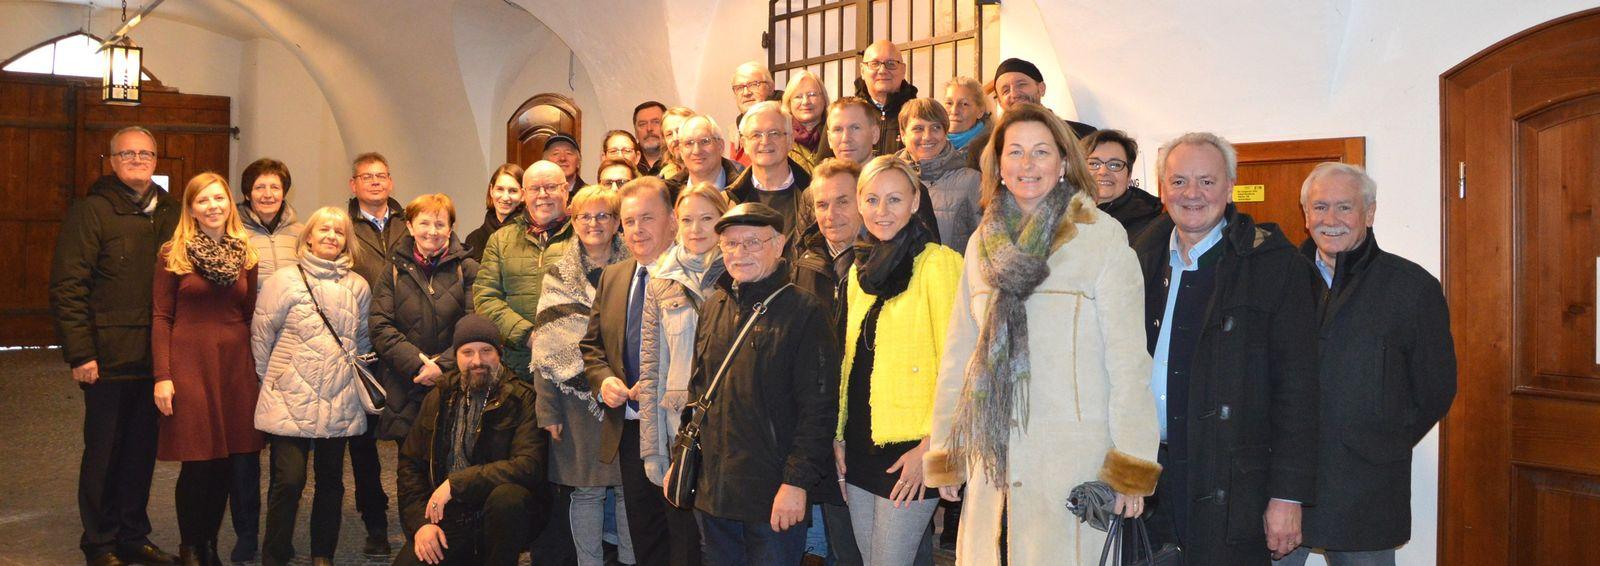 Gruppentreffen fr Hochsensible - Stadtgemeinde Zwettl